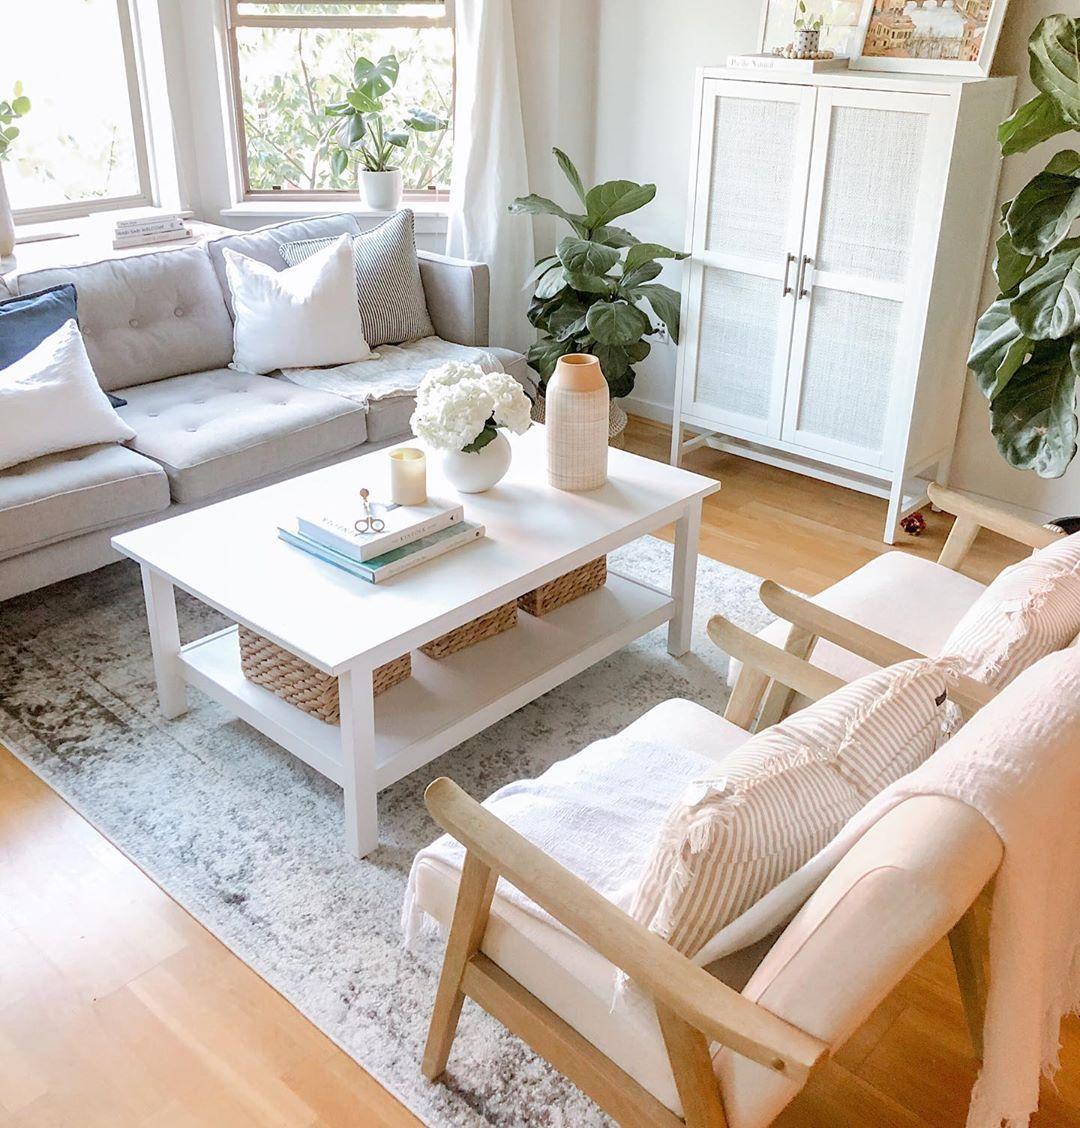 """annemarie willey homes on Instagram: """"really loving this new layout. 🤩 • • • #InteriorDesign #interiordecor #apartmenttherapy #pnw #seattleinteriordesign #apartmentdecor…"""""""